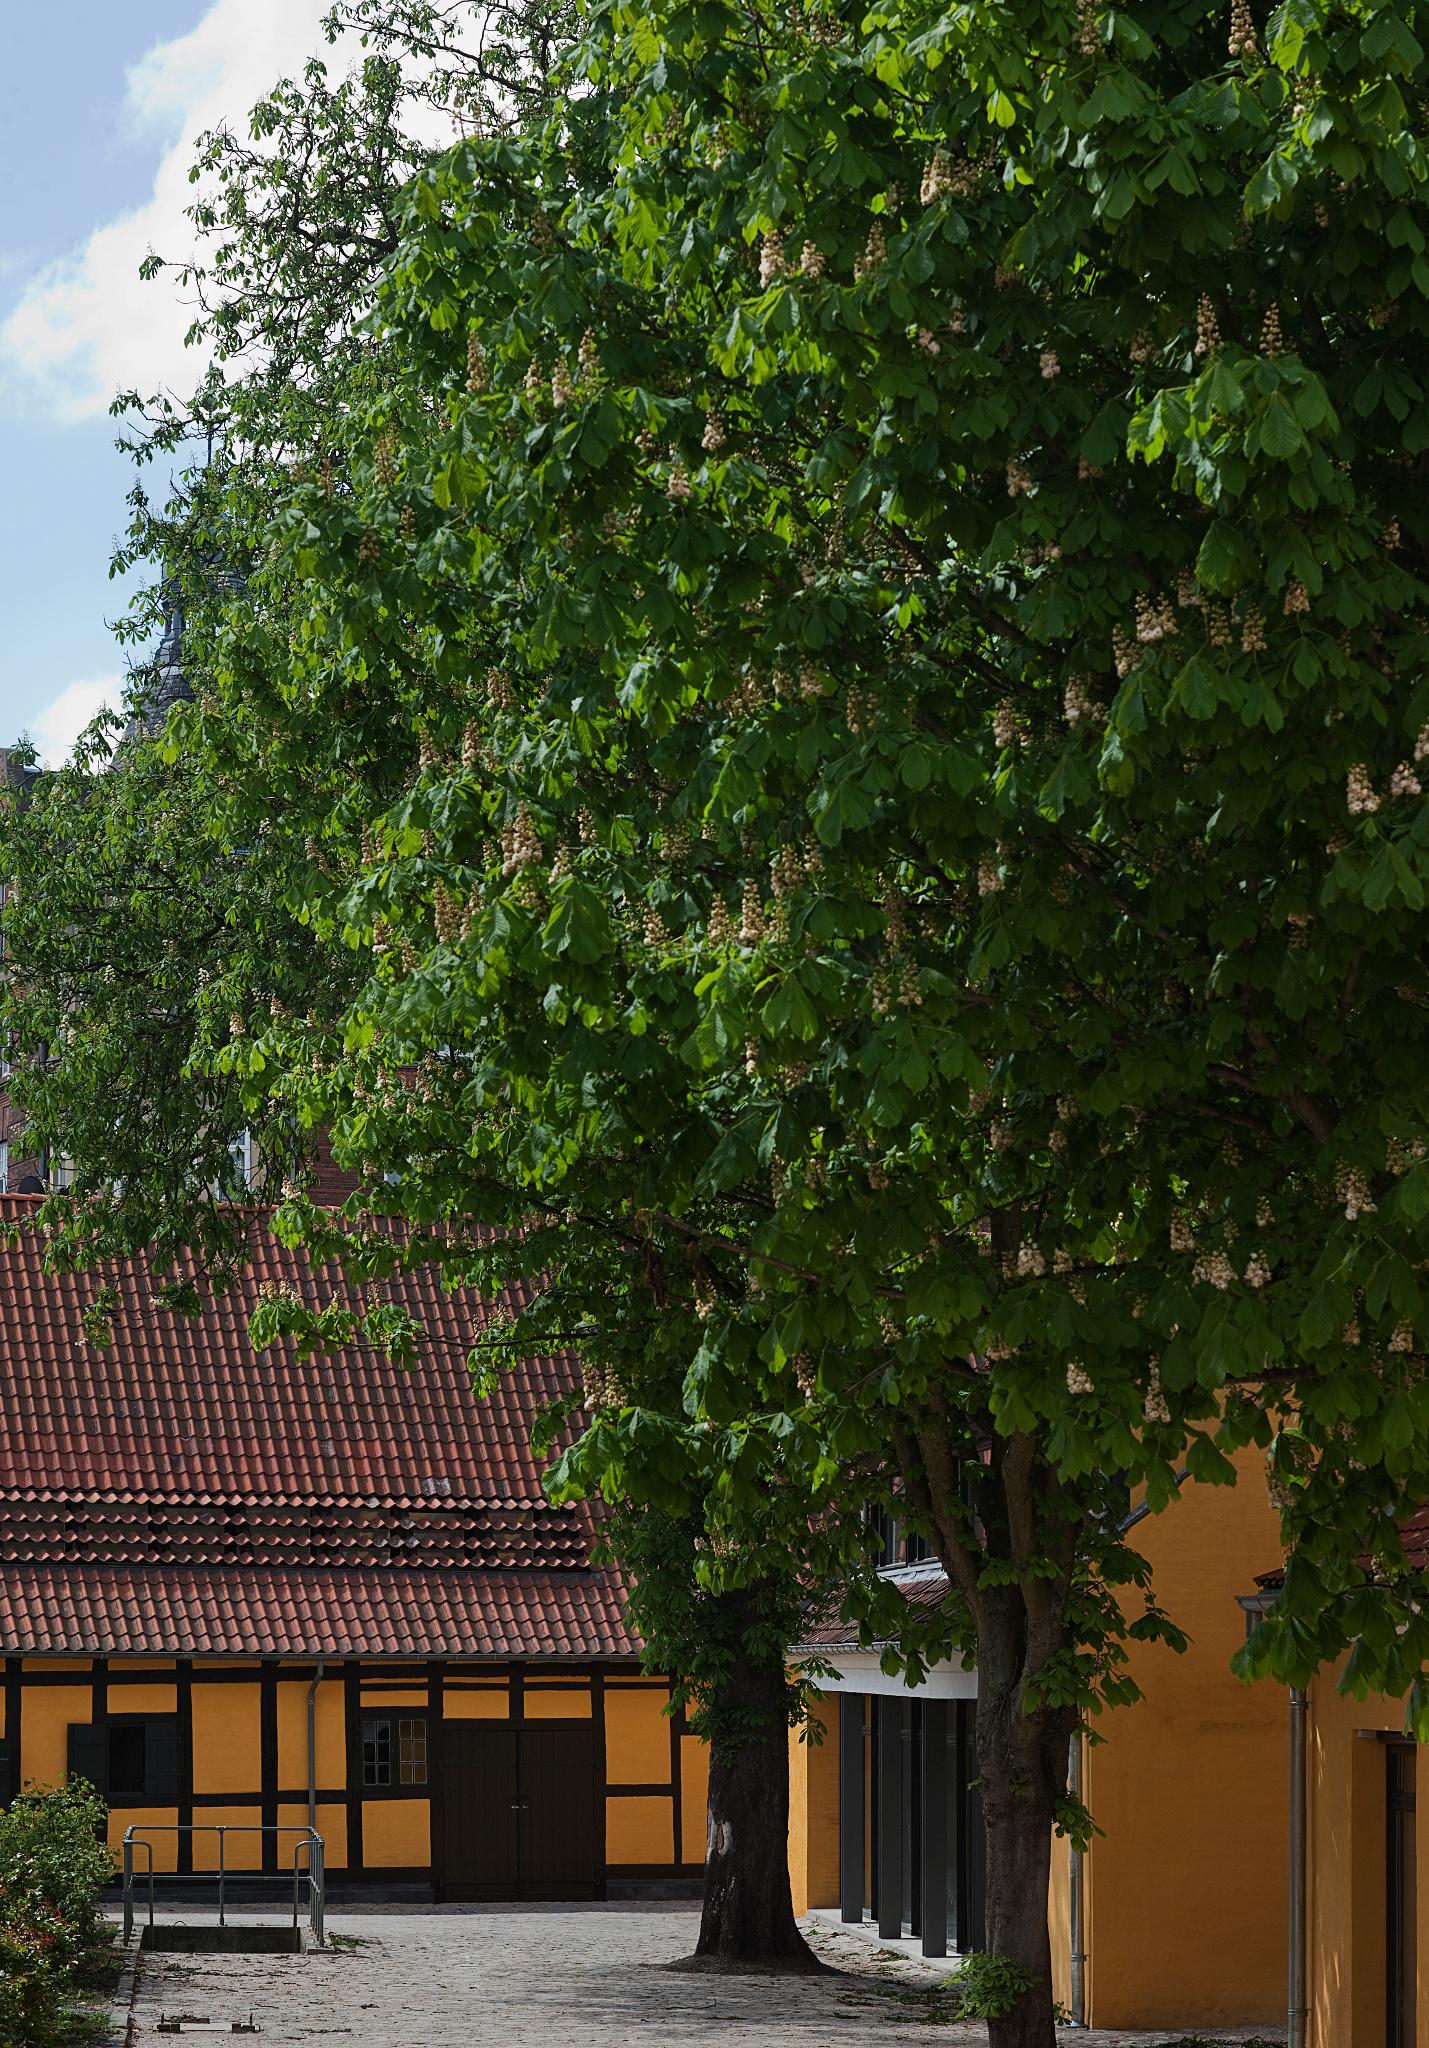 Fæstningen_kig mod bygning 9 og 11_LG